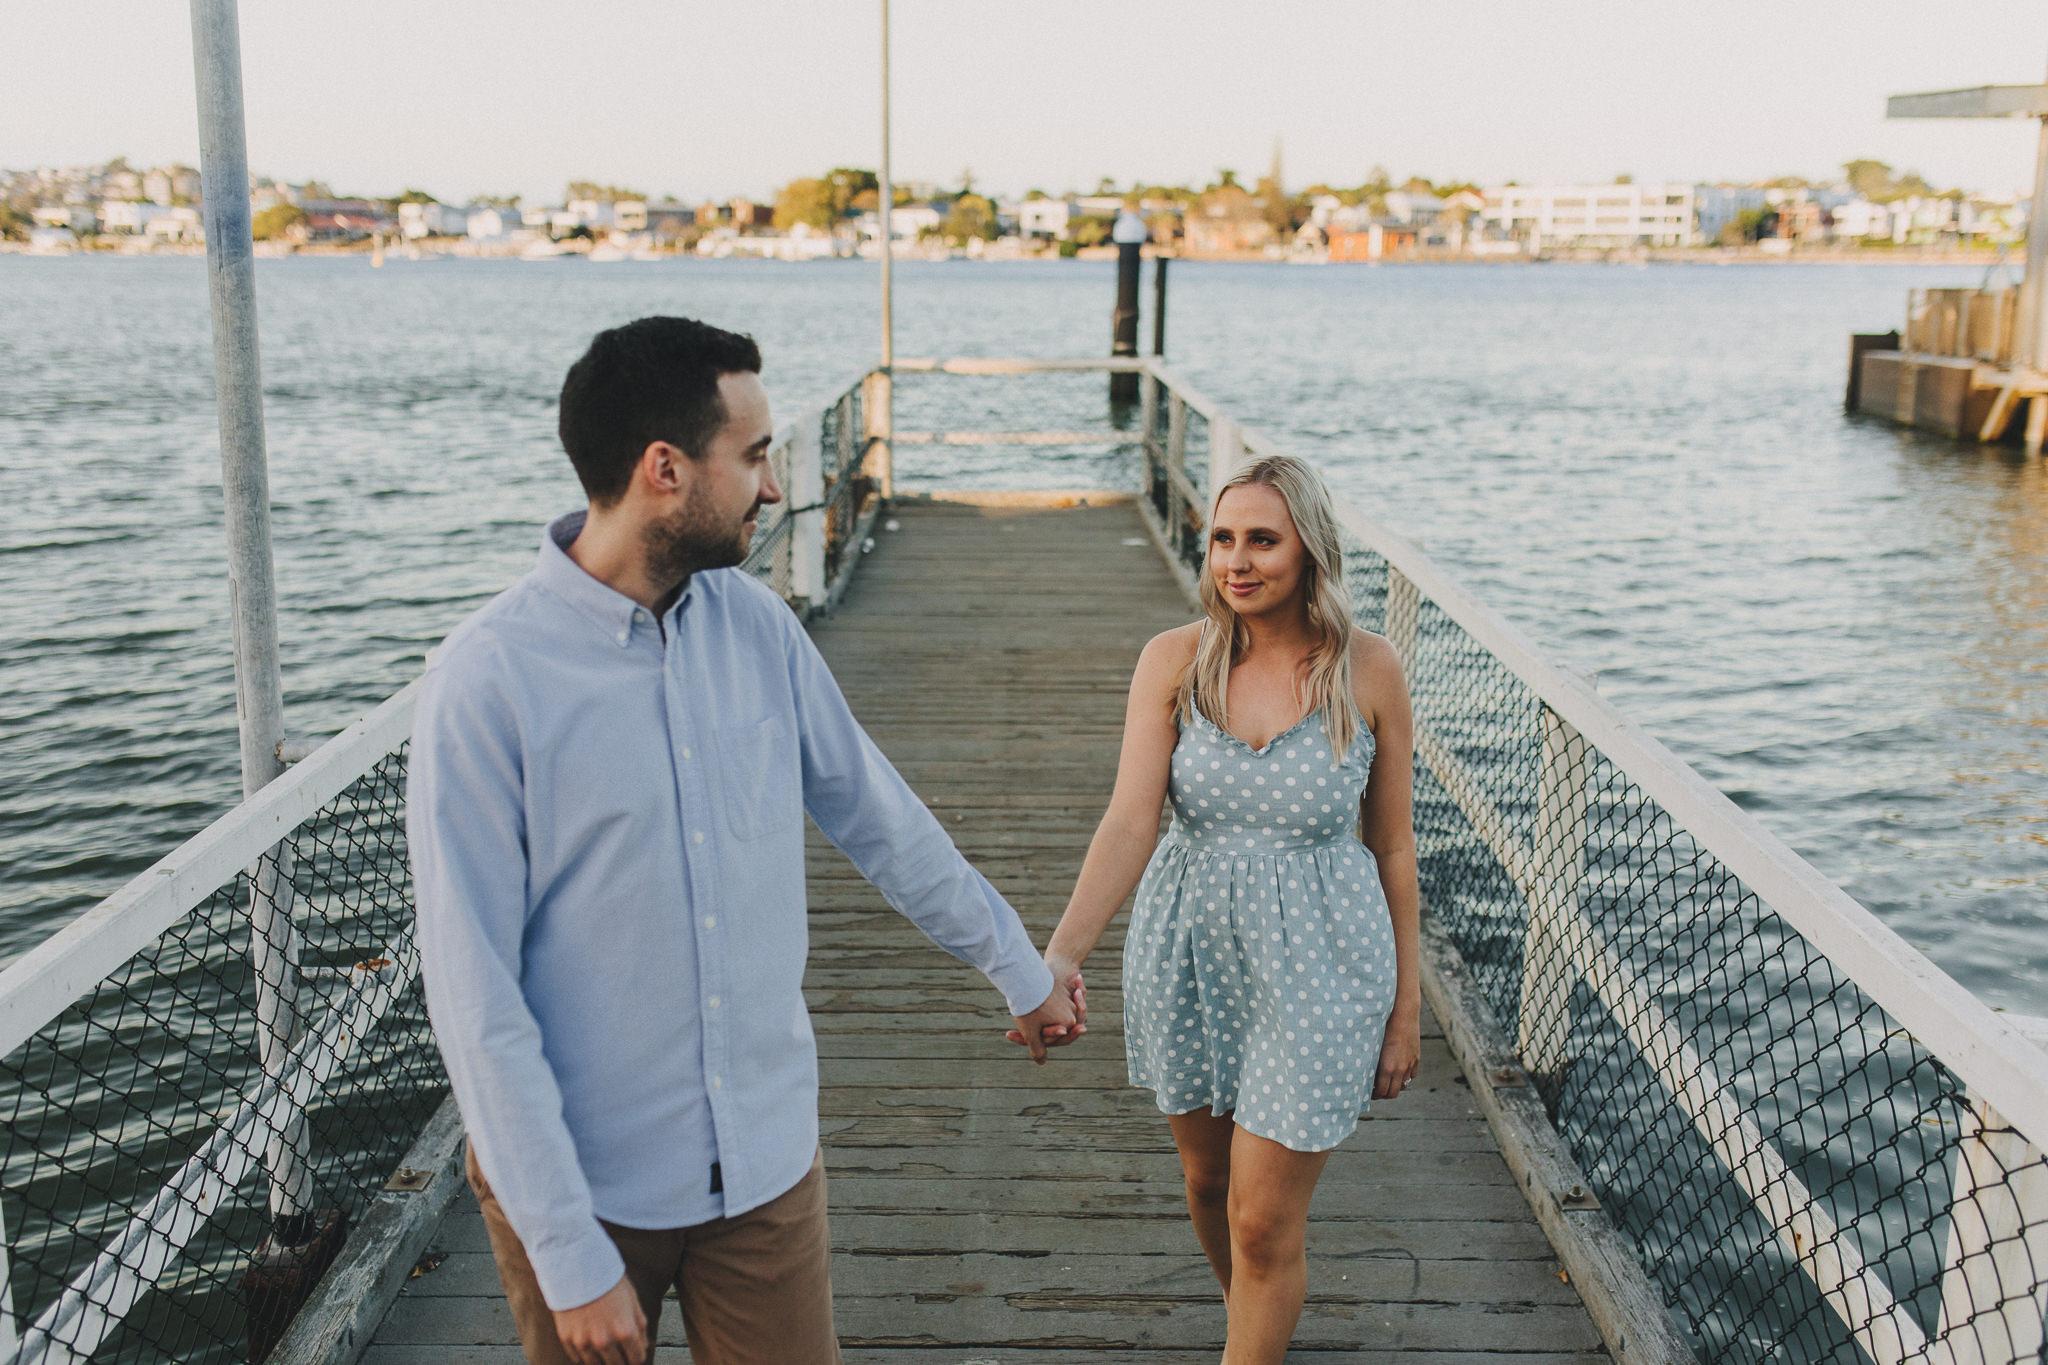 Carley&Anthony-Engagement-resized-75 - Family Photoshoots Brisbane